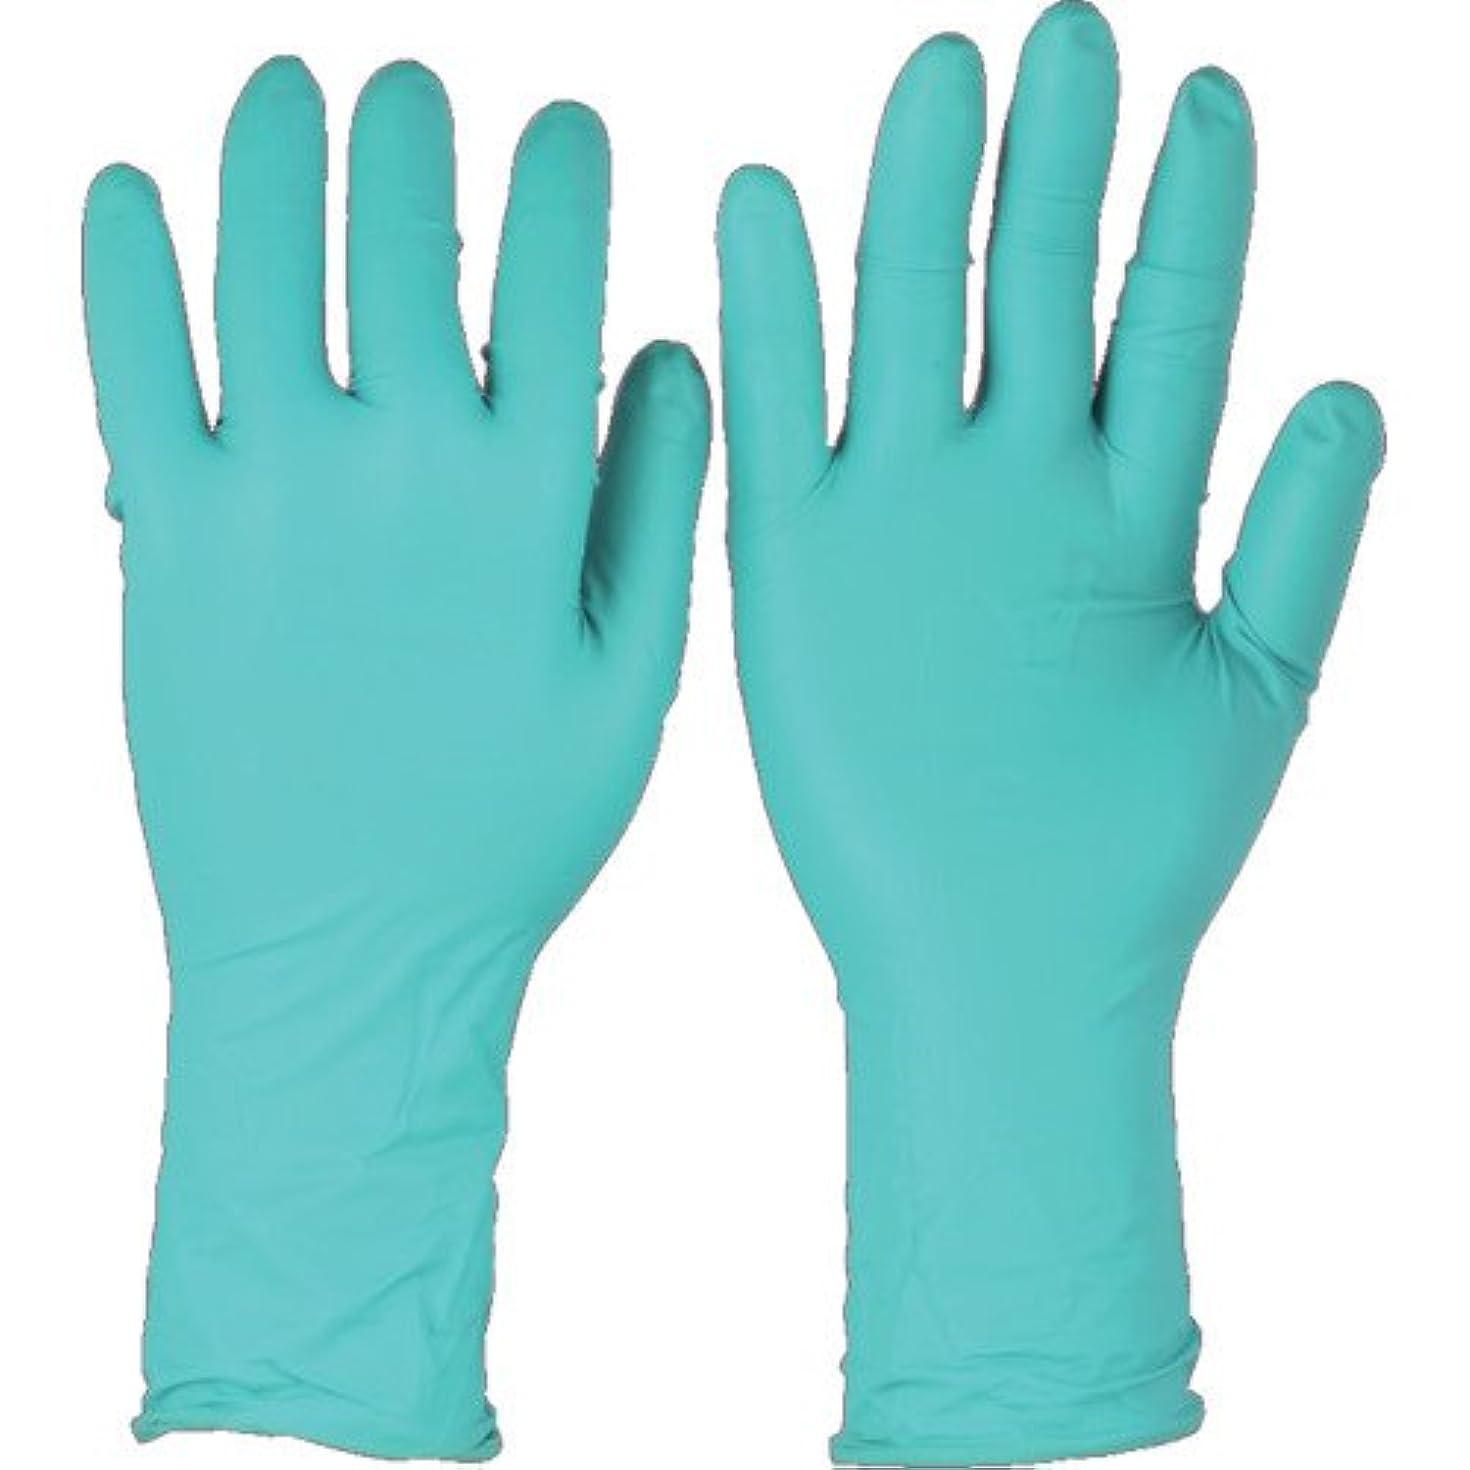 霜に向けて出発ピッチャートラスコ中山 アンセル ネオプレンゴム使い捨て手袋 マイクロフレックス 93-260 Sサイズ (50枚入)  932607